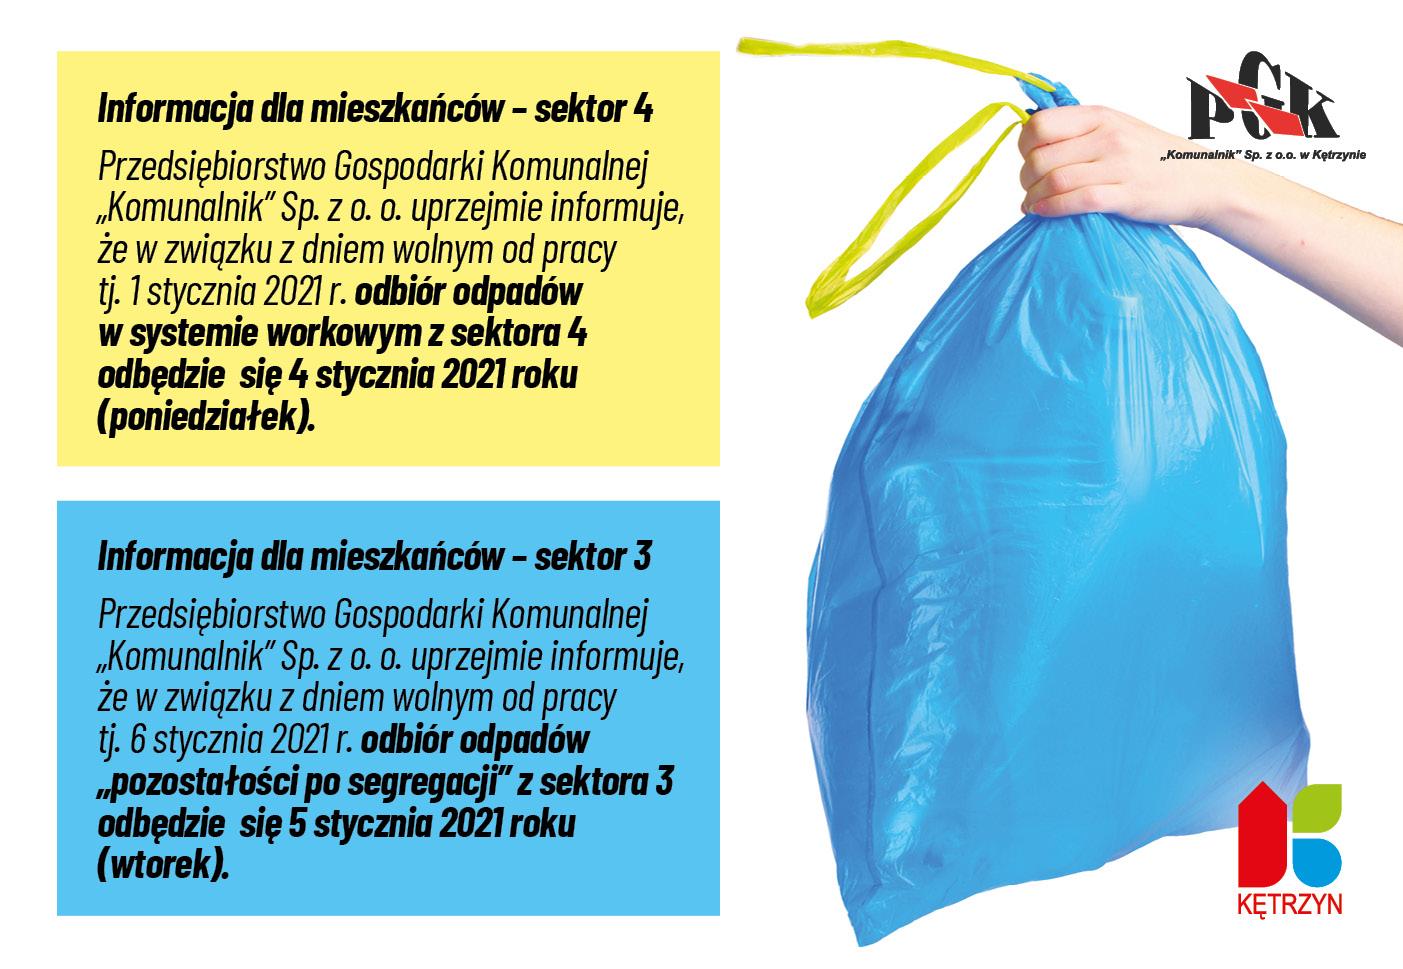 Grafika przedstawia dłoń trzymającą worek odpadów. Na grafice umieszczono komunikaty o treści: Informacja dla mieszkańców – sektor 4 Przedsiębiorstwo Gospodarki Komunalnej